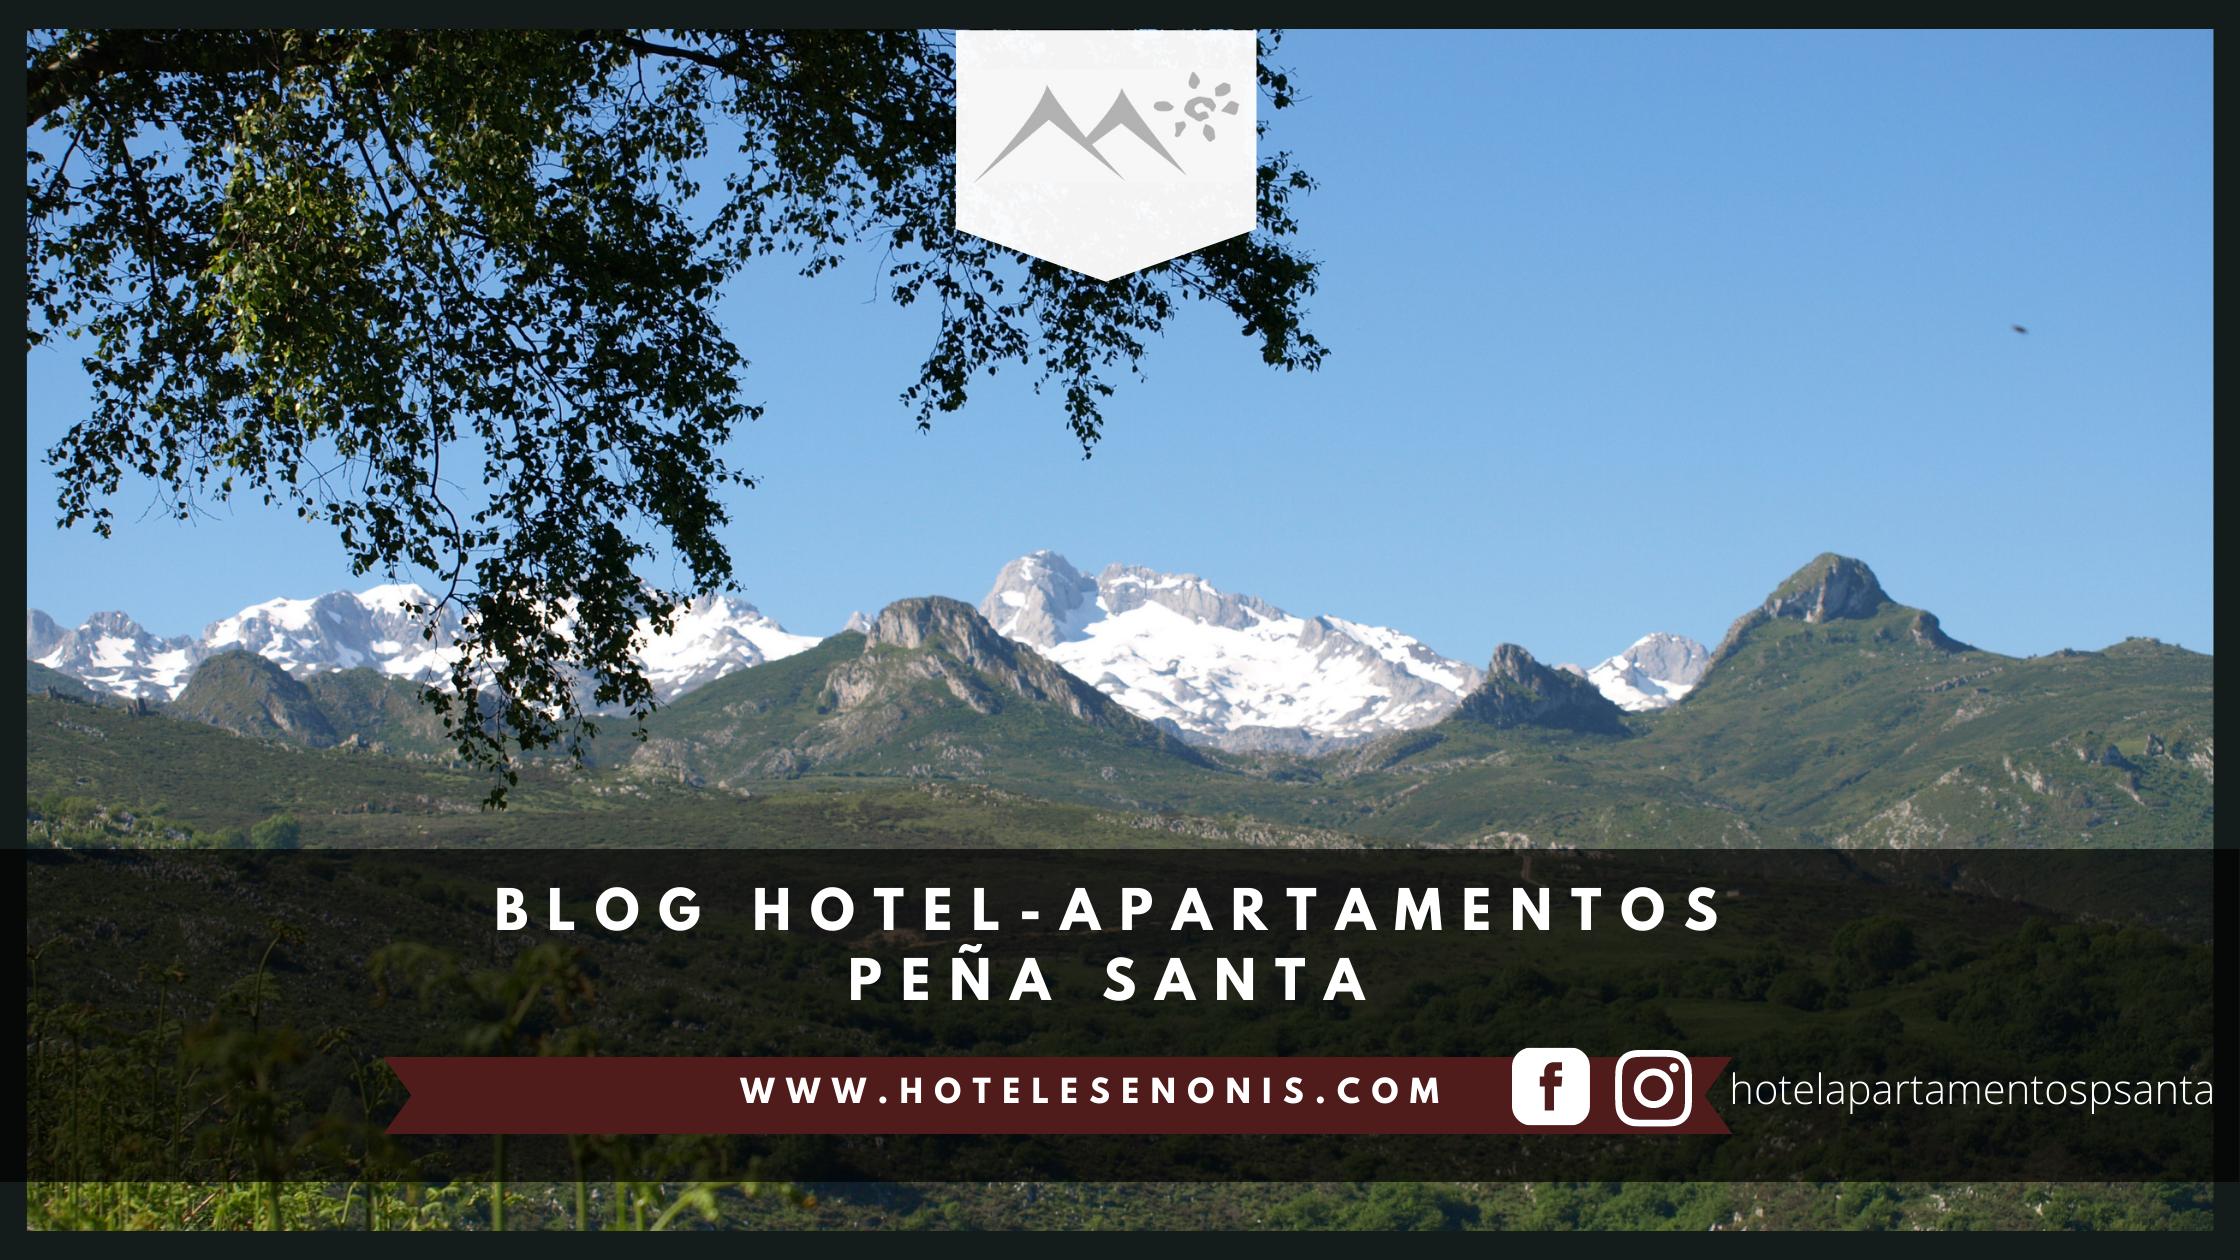 ¡¡¡ Bienvenidos al  blog del Hotel - Apartamentos Peña Santa. !!!